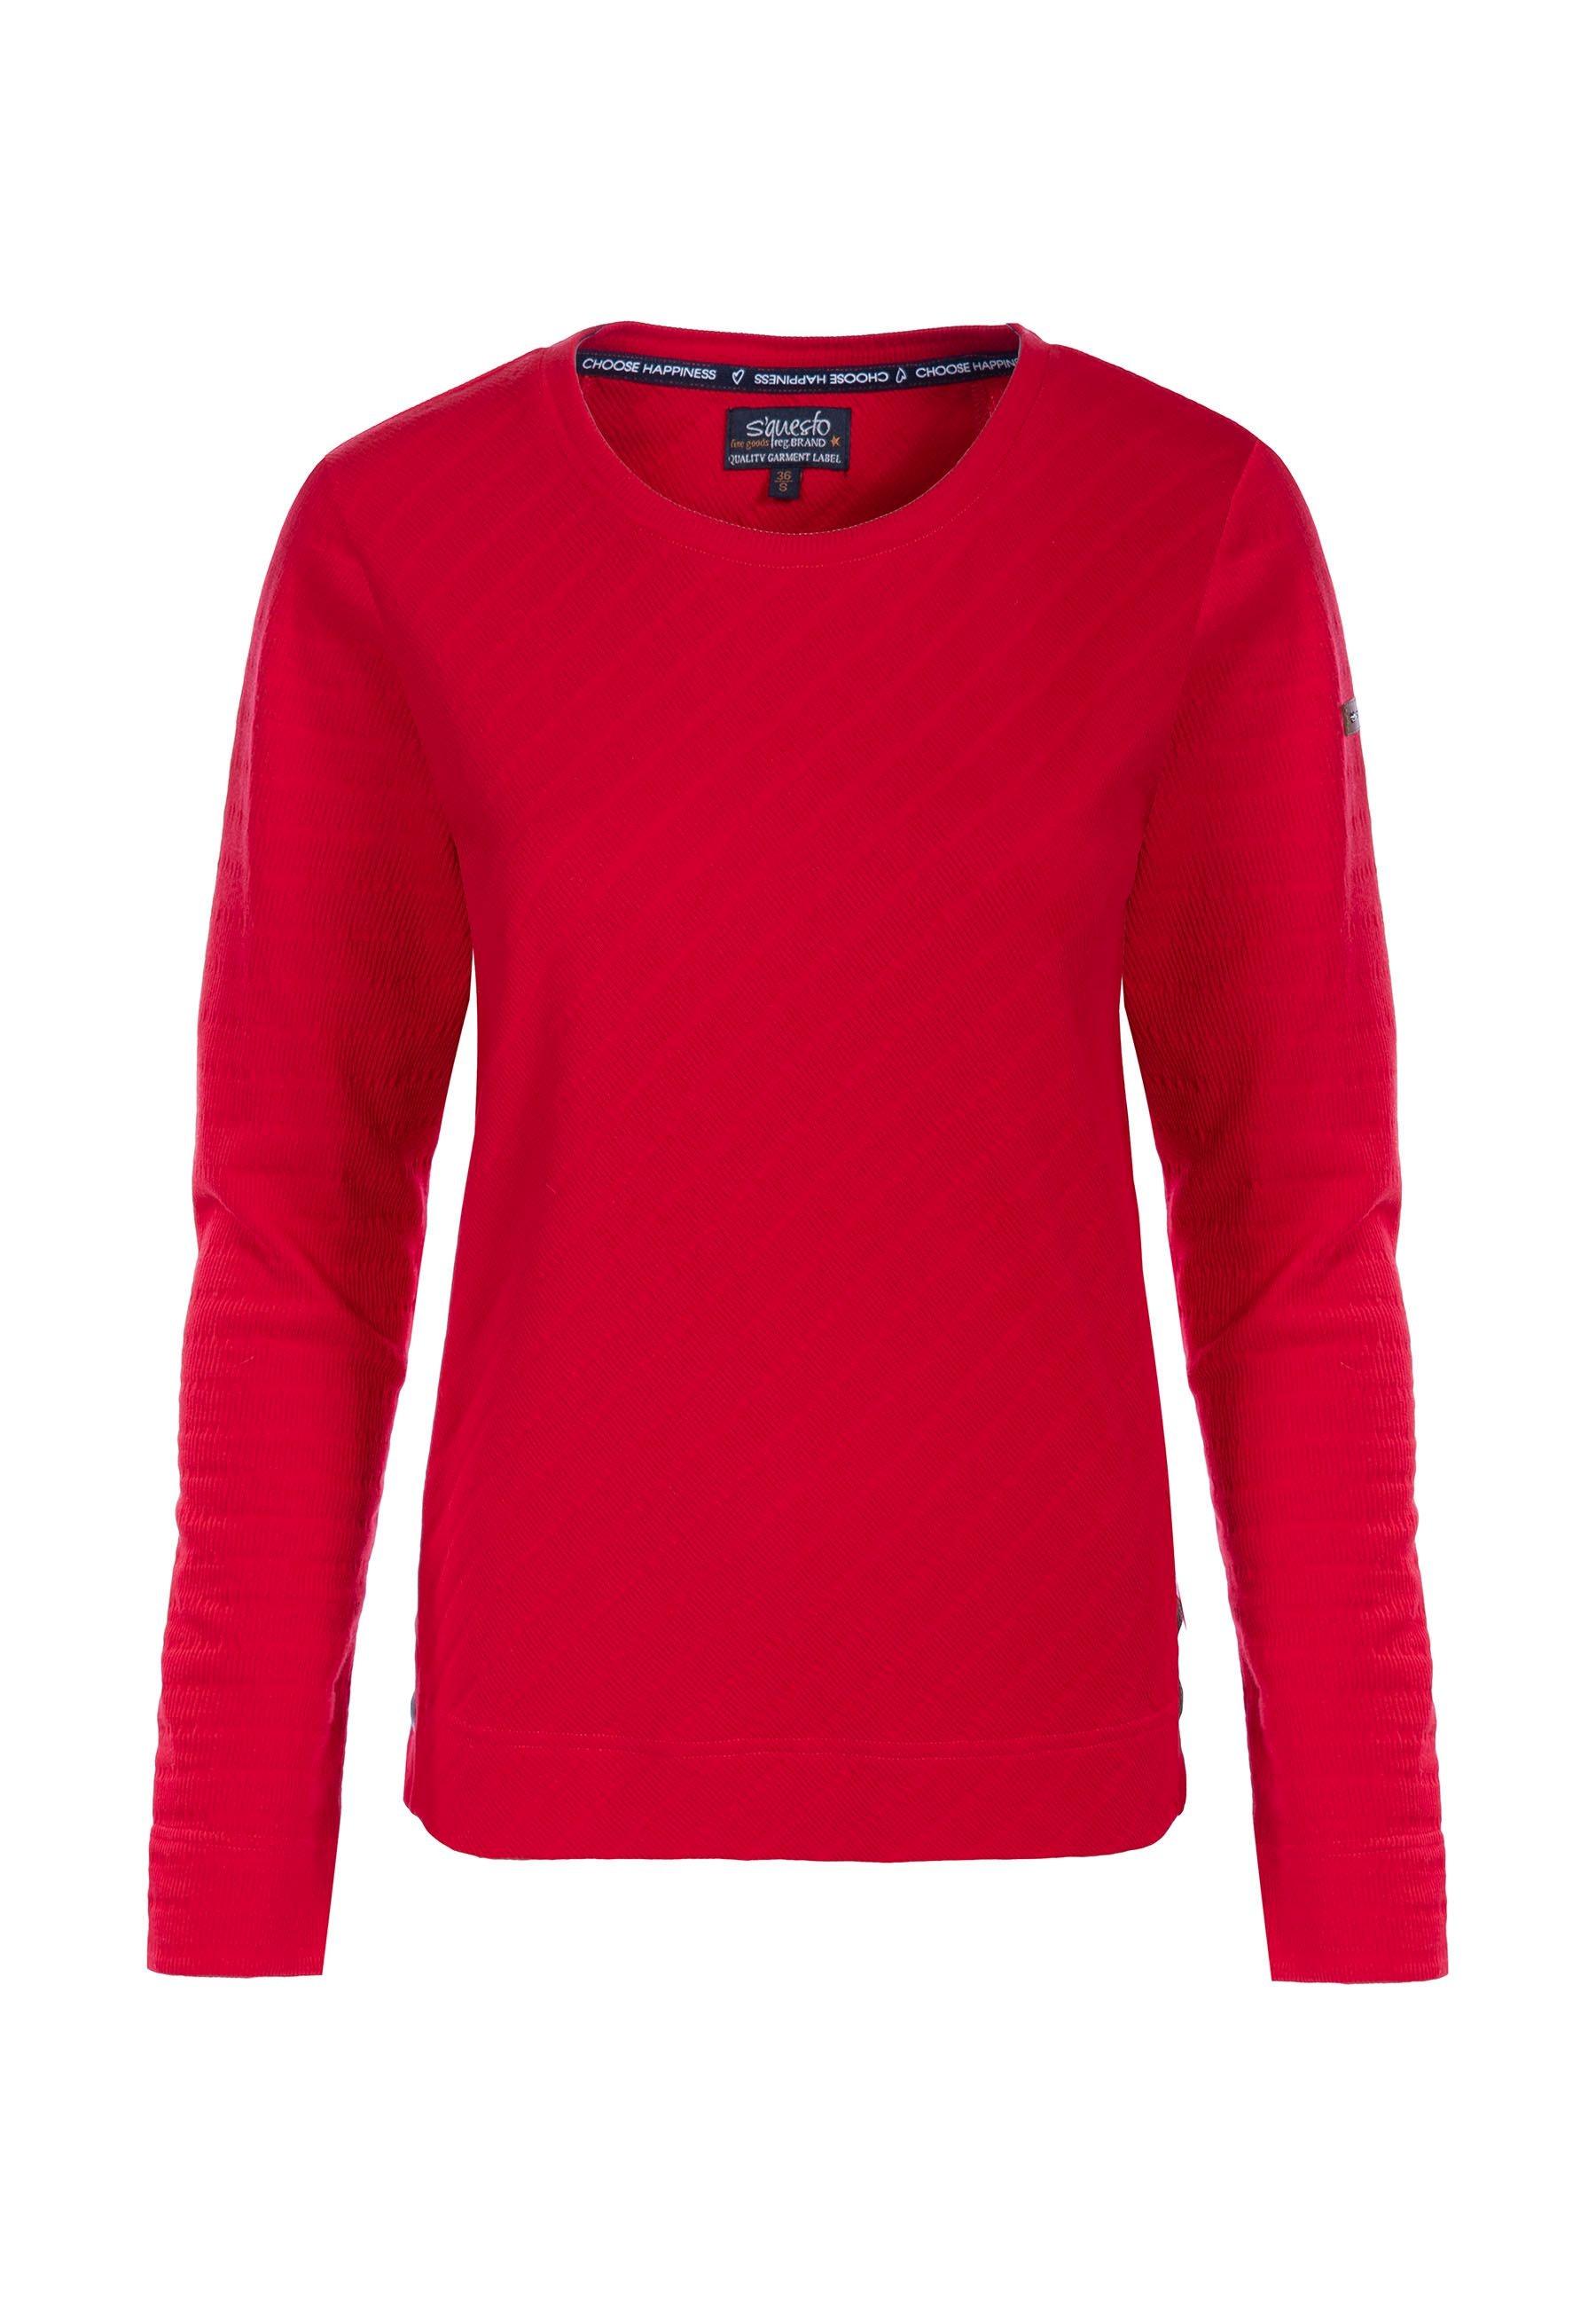 Soquesto Sweatshirt Lara in red und navy